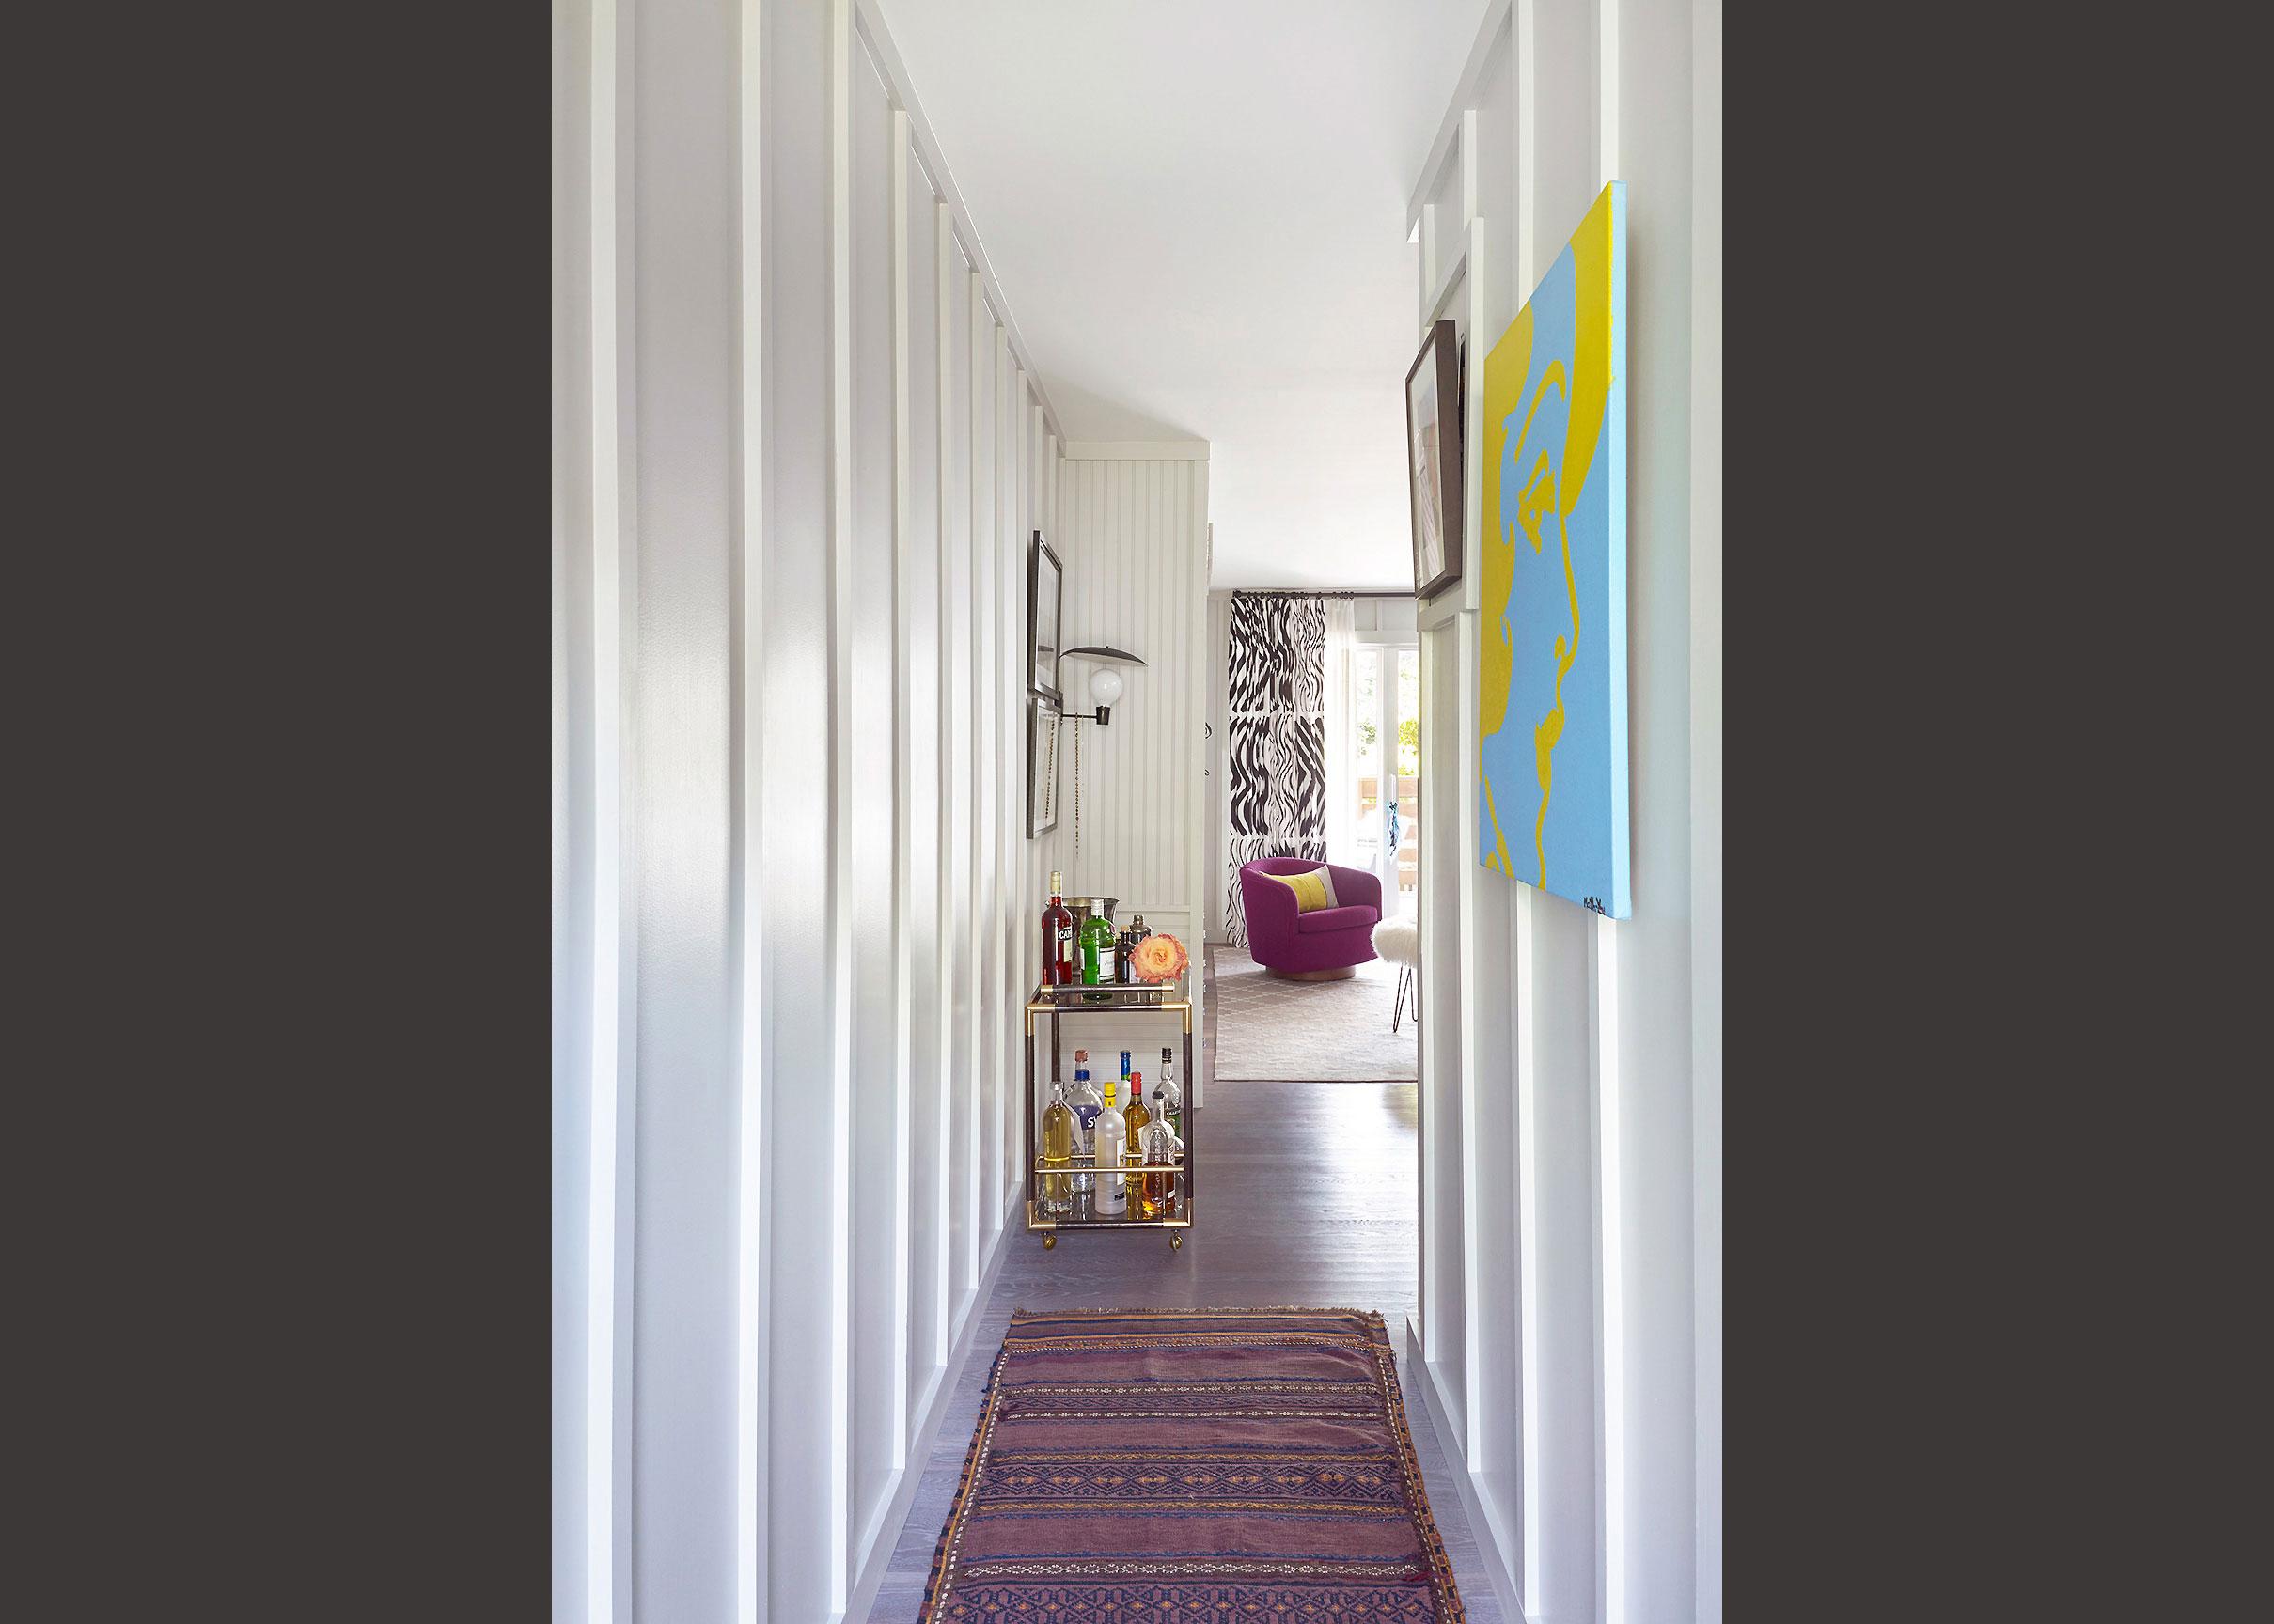 02-entry-hall.jpg